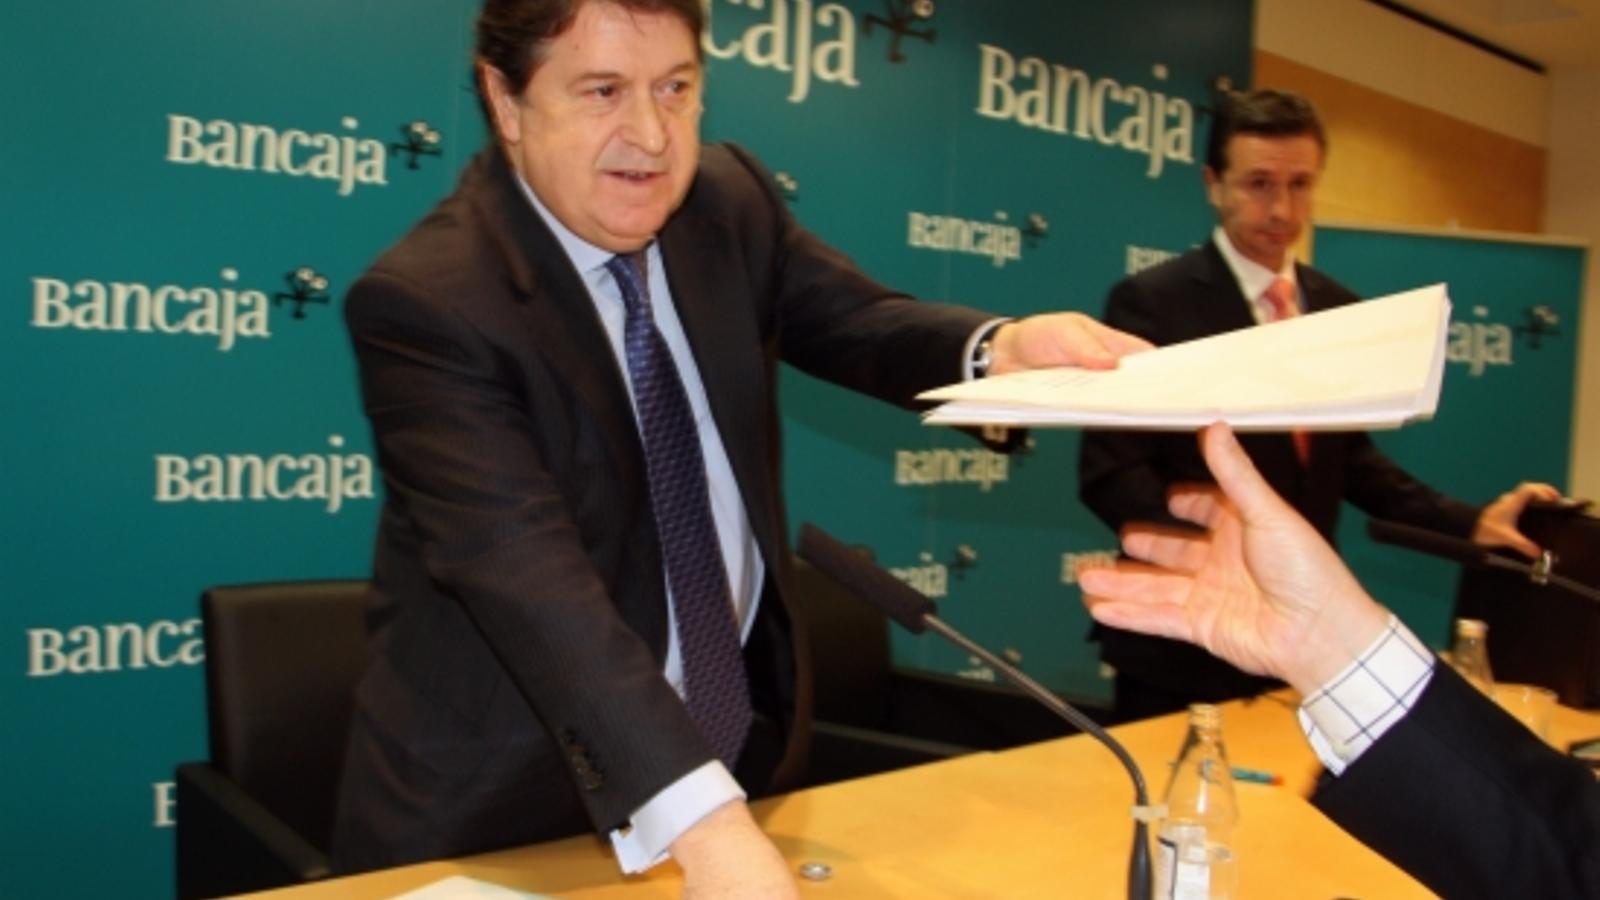 L'expresident de Bancaixa, José Luis Olivas, durant la roda de premsa de presentació de resultats de l'exercici 2009